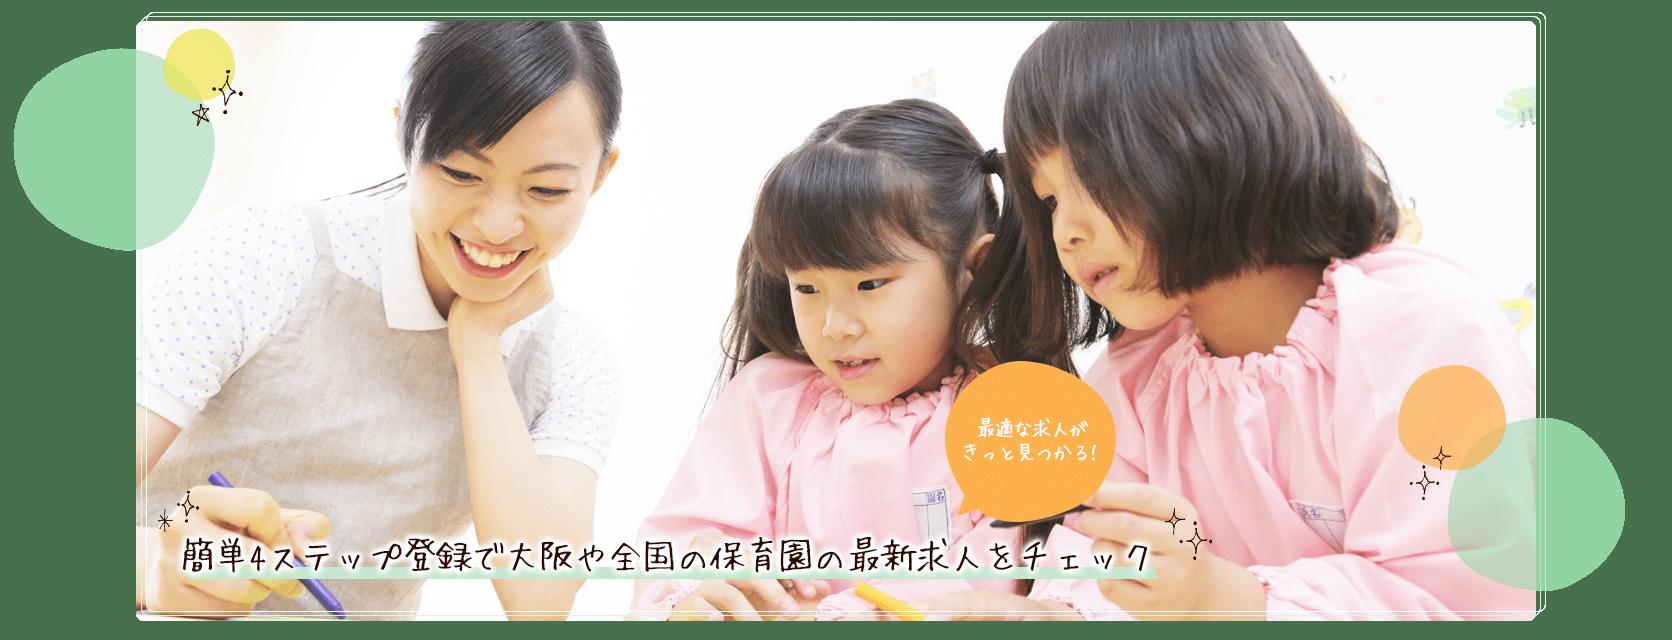 簡単4ステップ登録で大阪や全国の保育園の最新求人をチェック